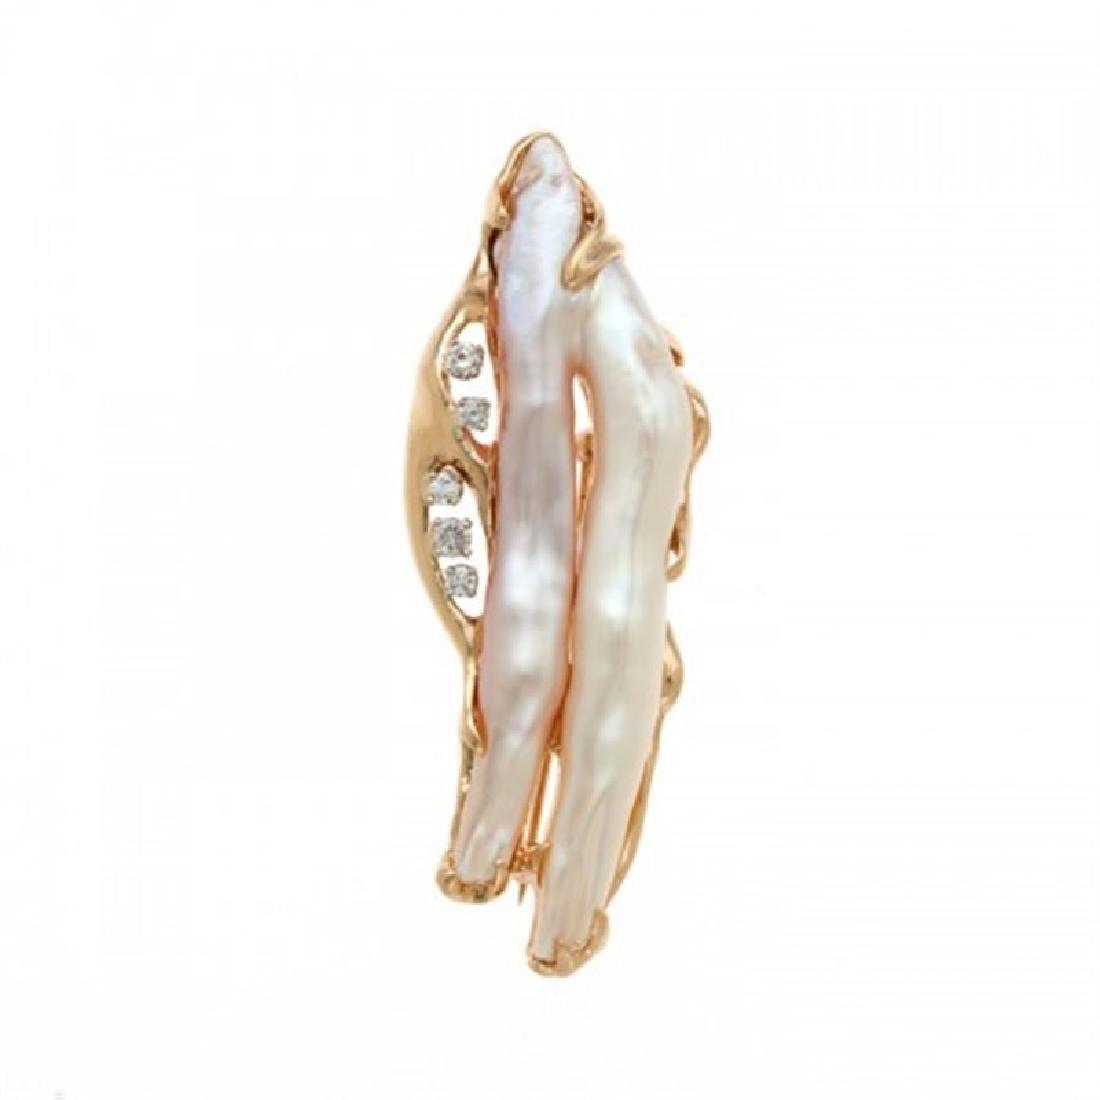 Biwa Pearl Pin with Diamonds